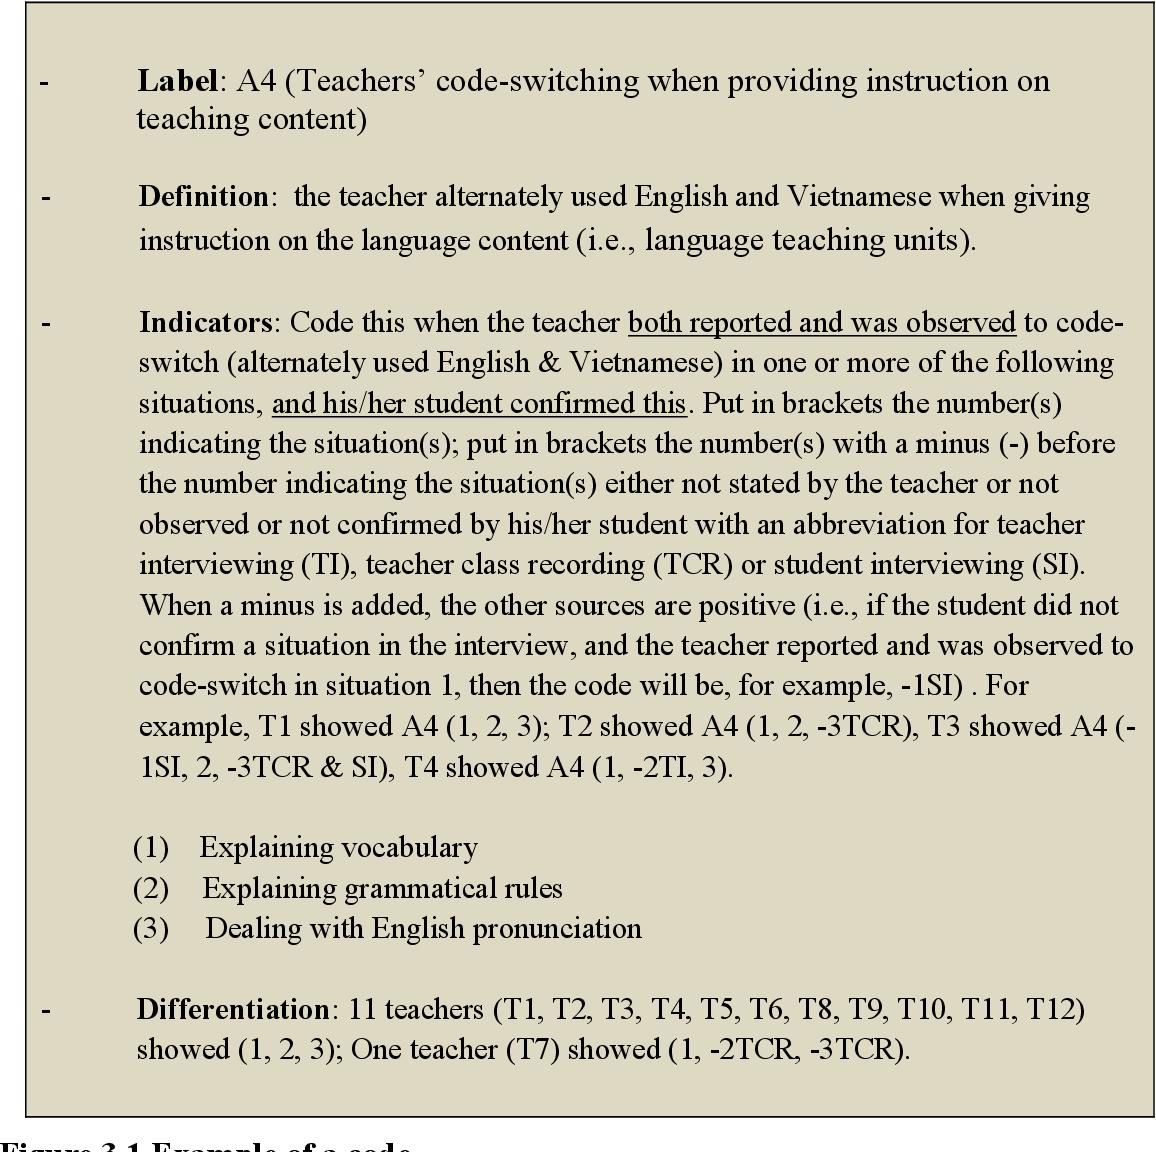 code switching in language teaching